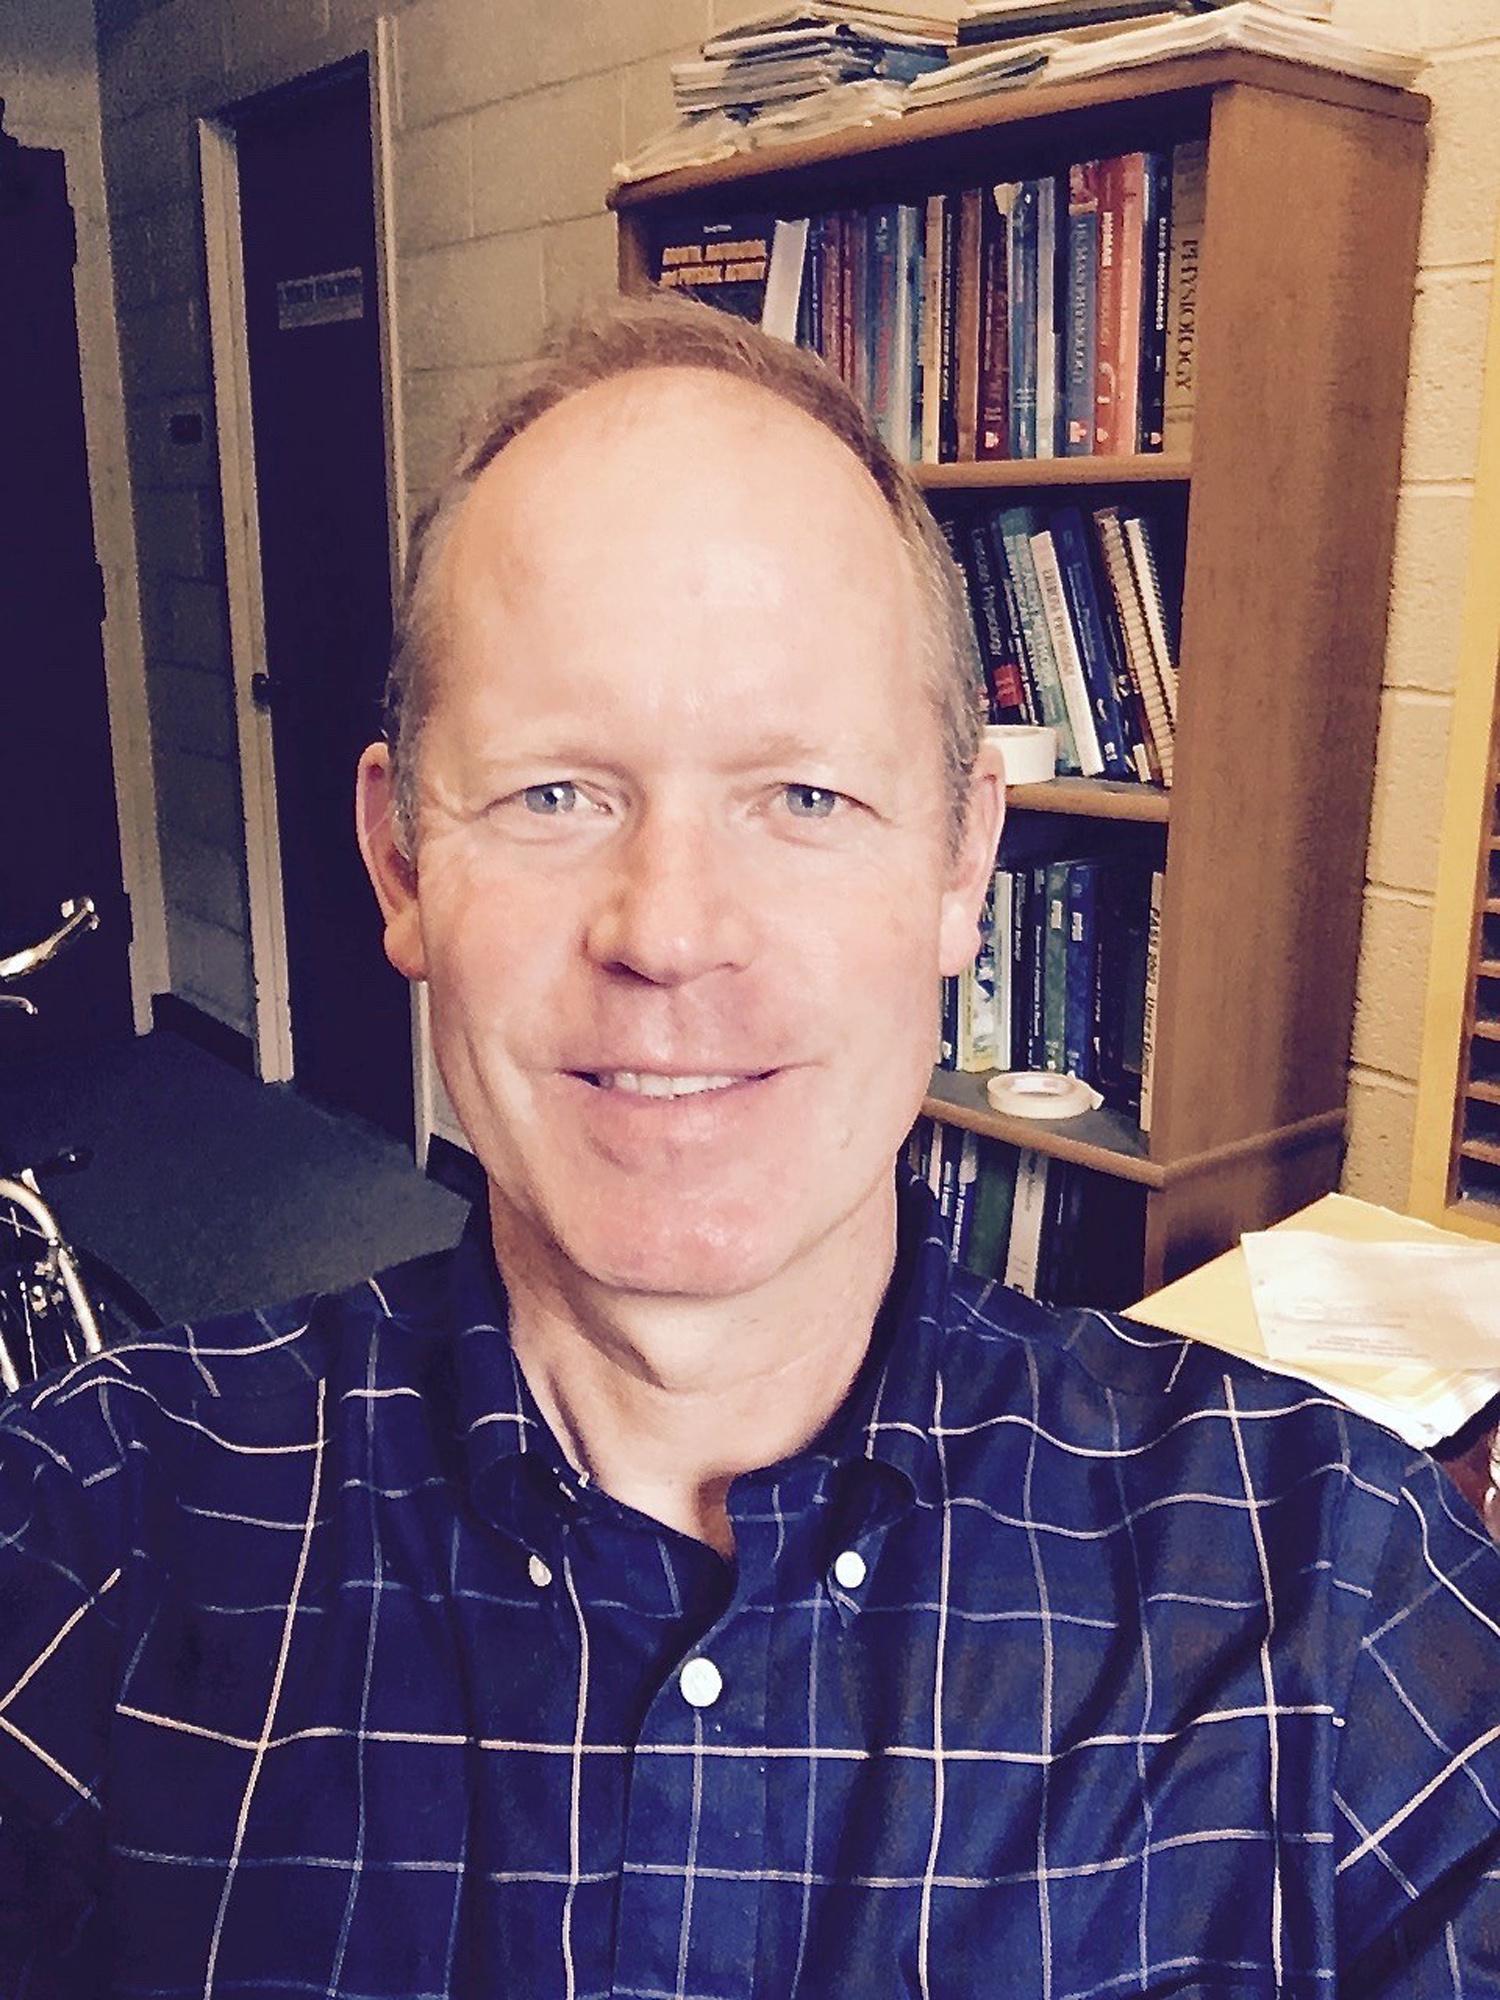 Tom Brutsaert